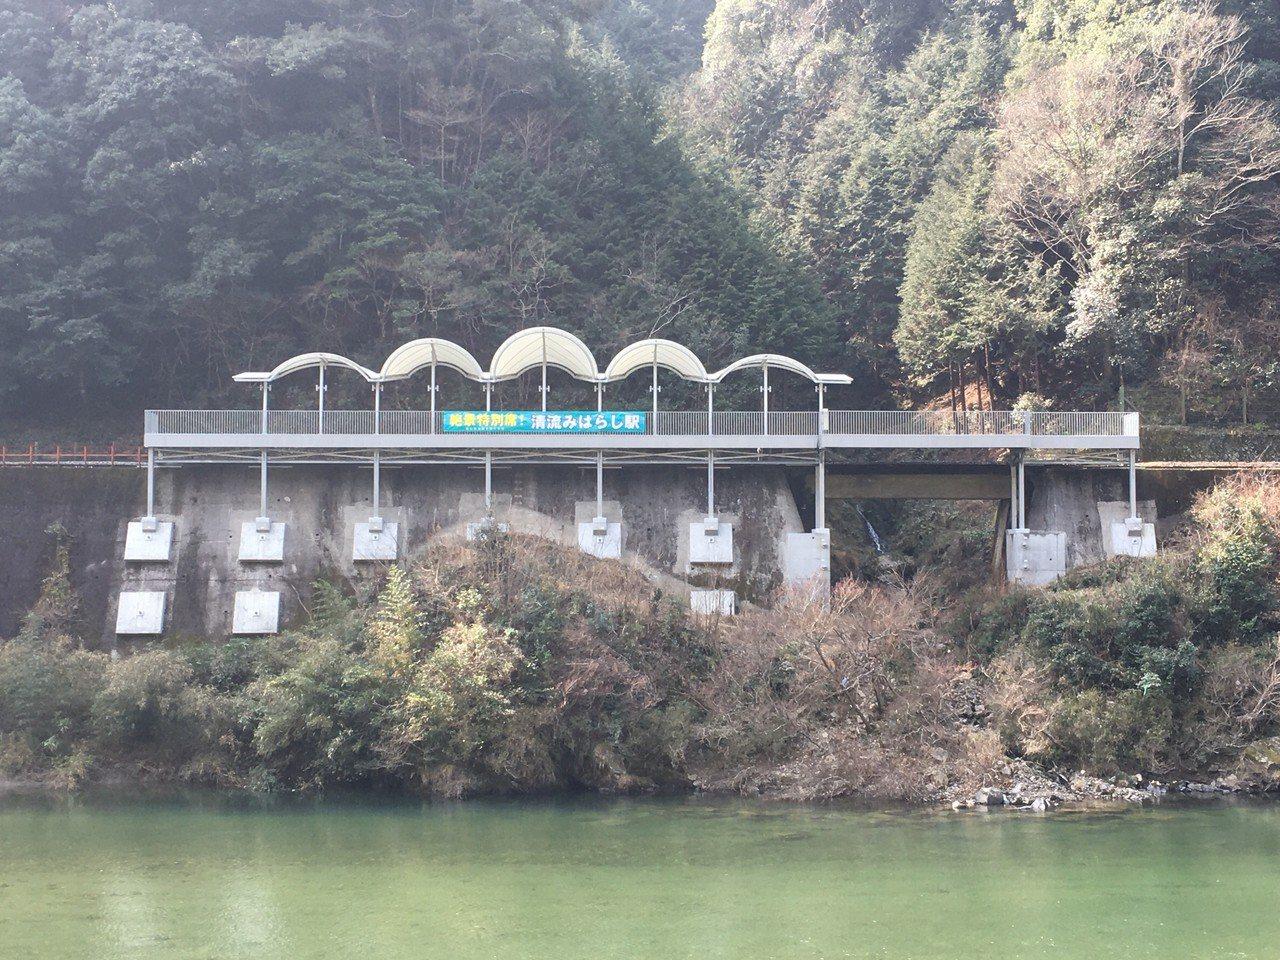 日本有許多人煙稀少、地處偏僻的車站,被稱之為「秘境車站(秘境駅)」。圖片來源/富...